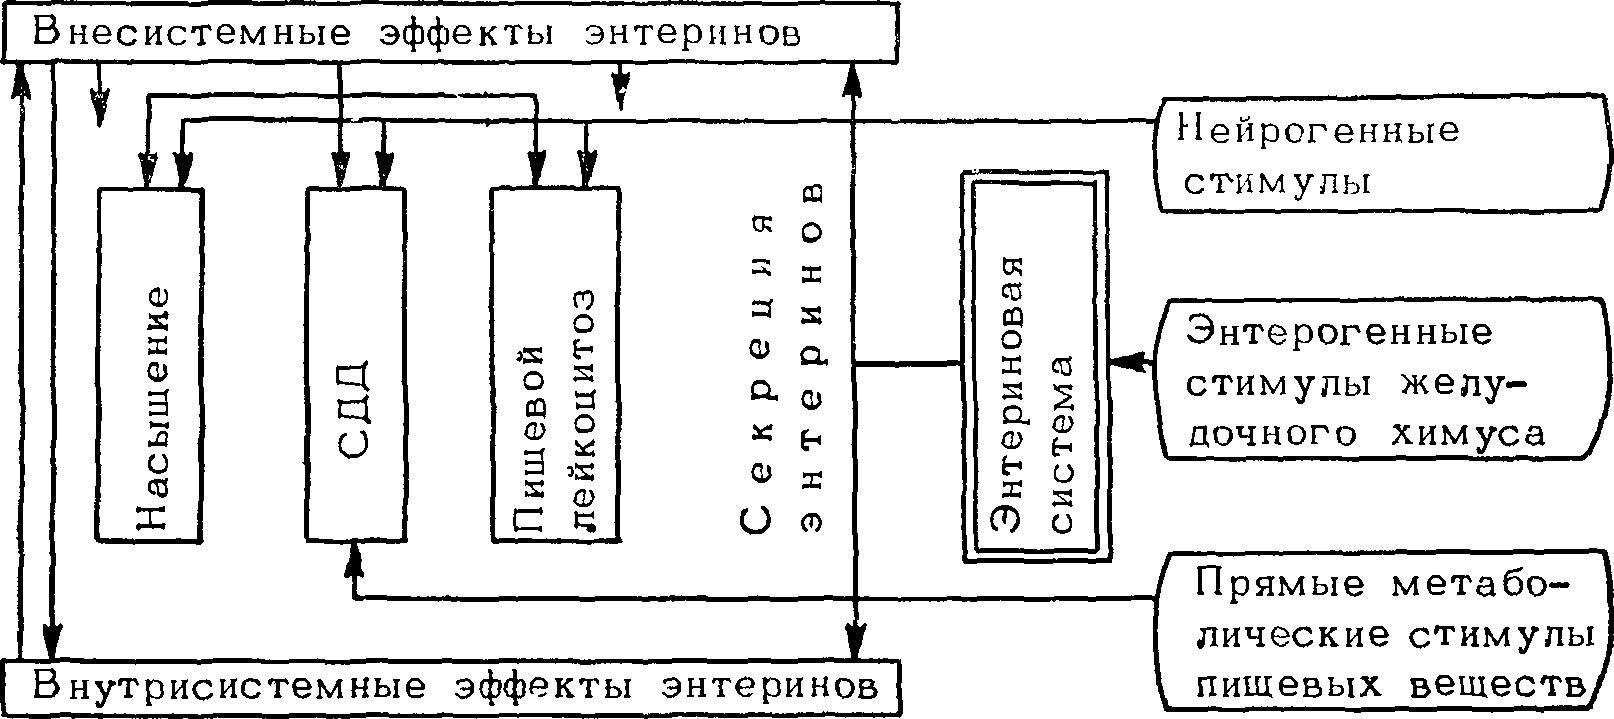 технологическая схема переработки эндокринного сырья